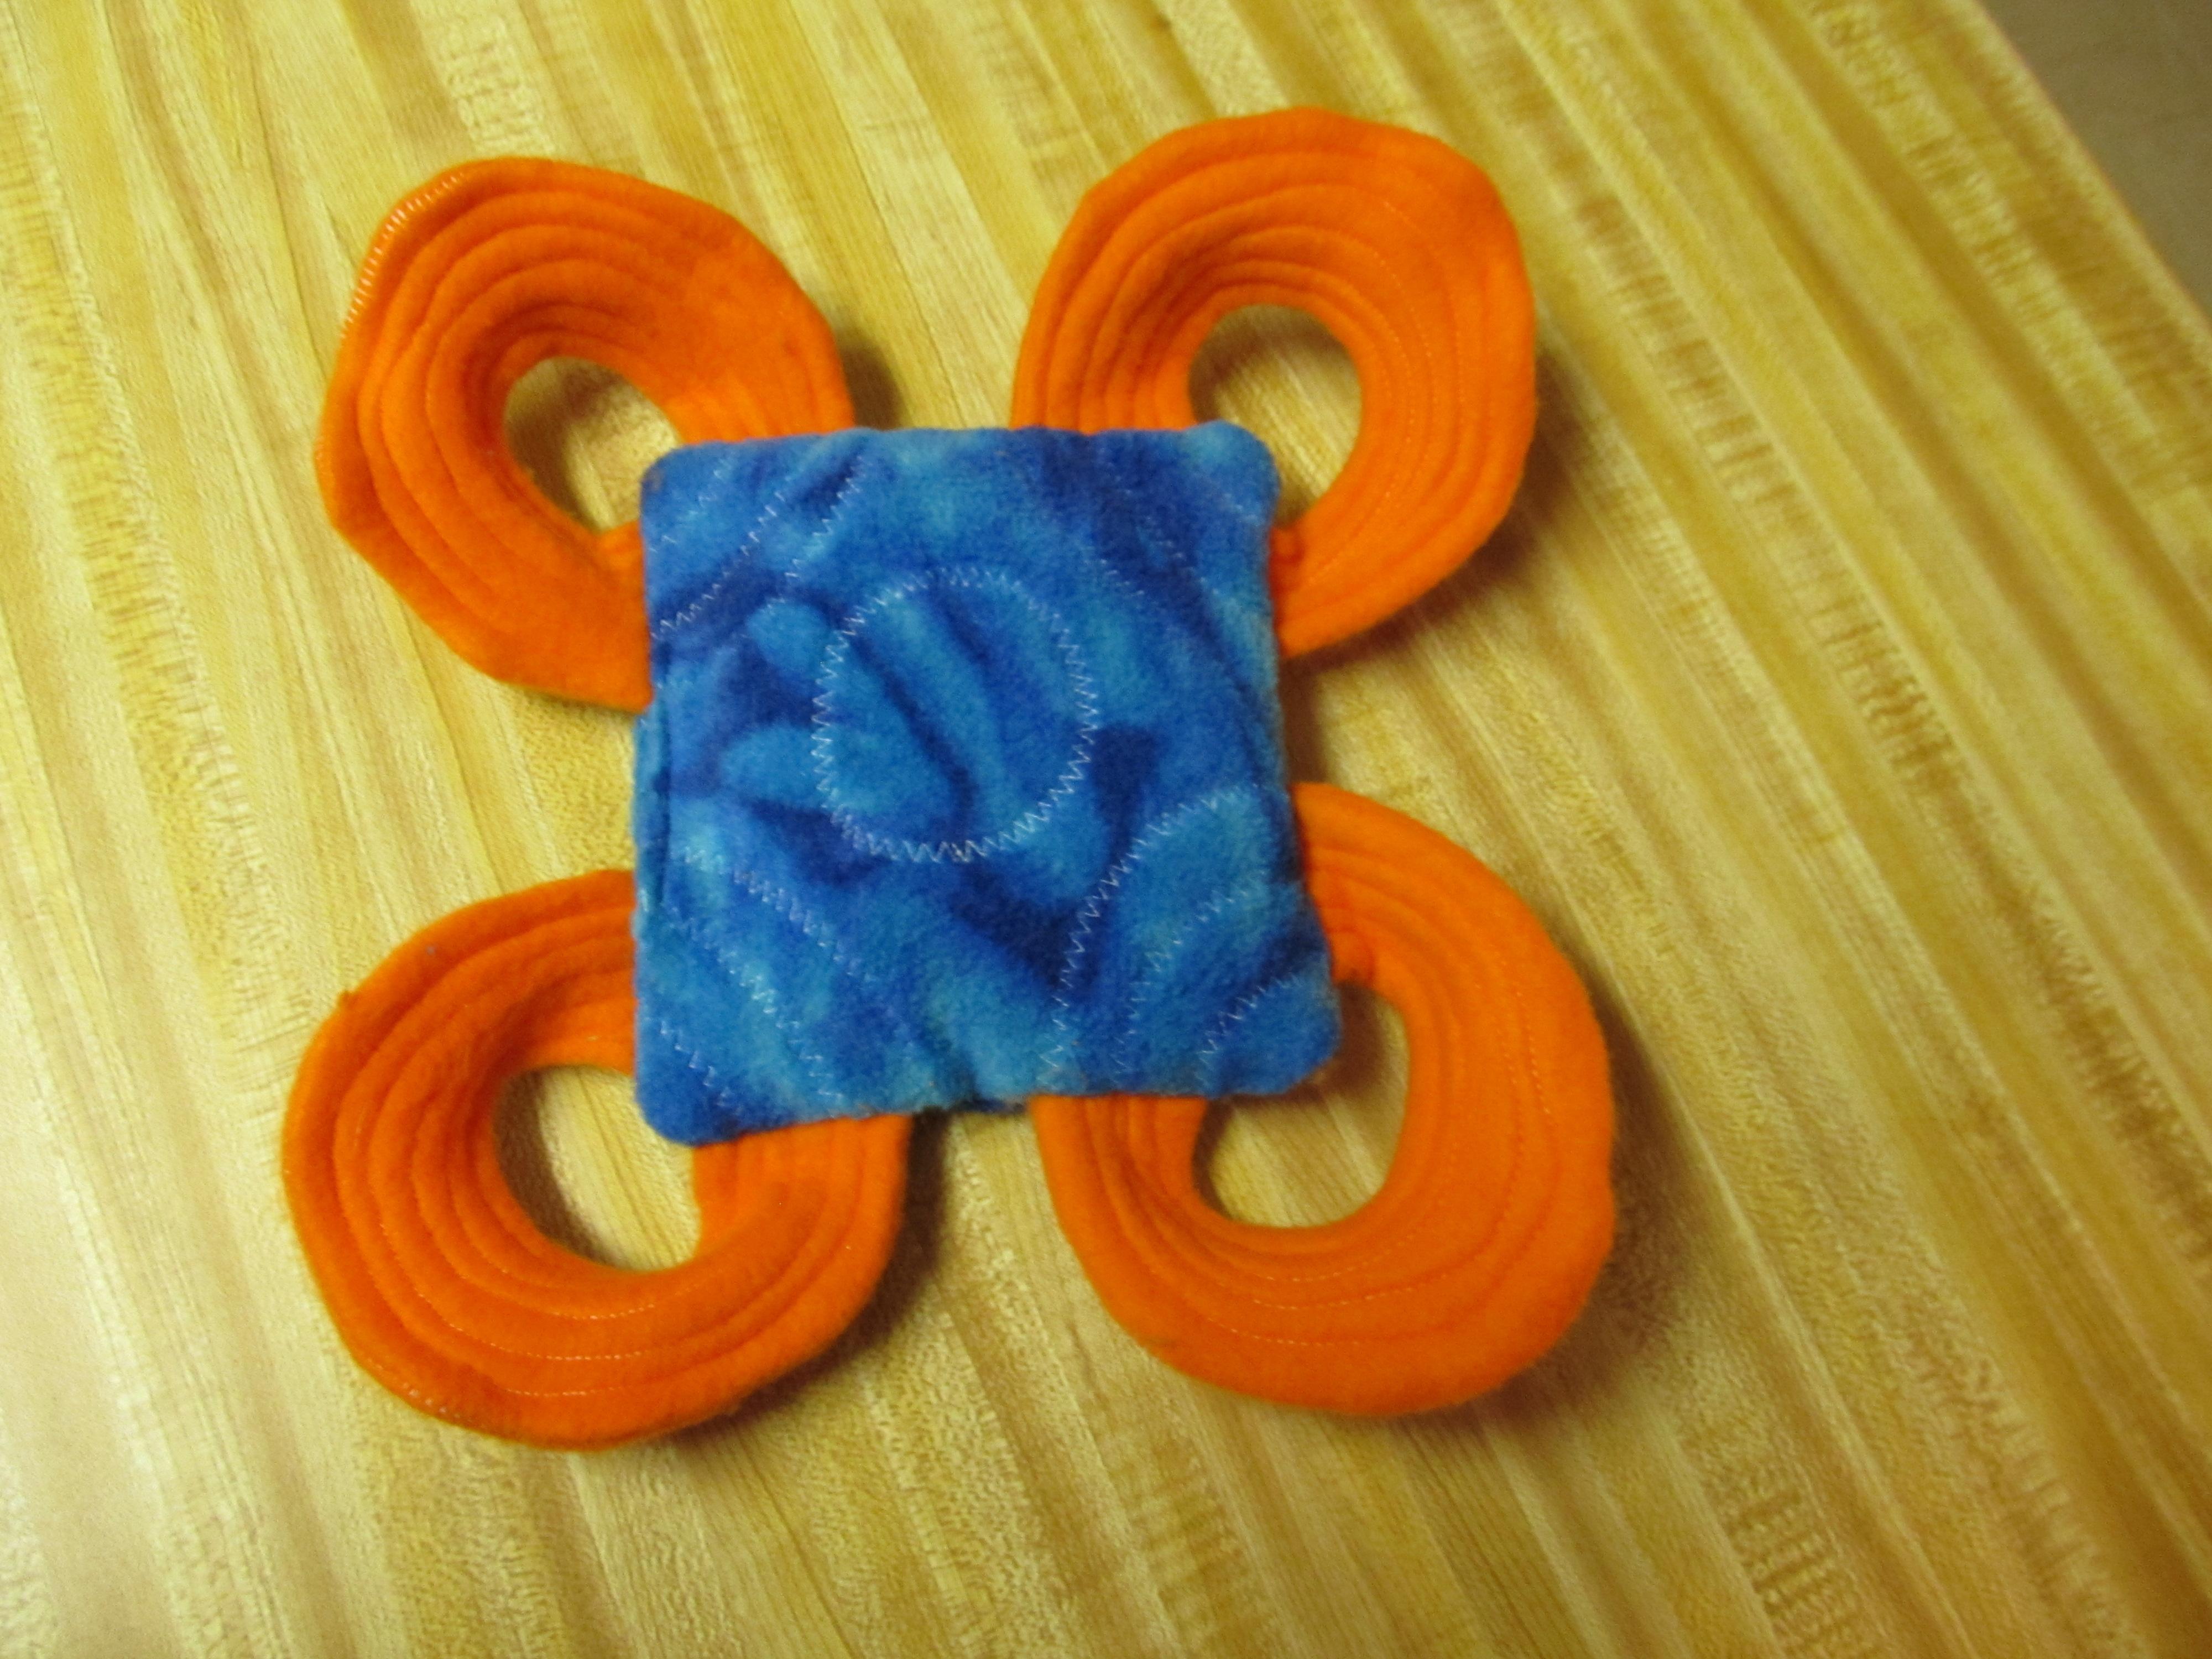 Hopefully Indestructible Stuffed Dog Toy